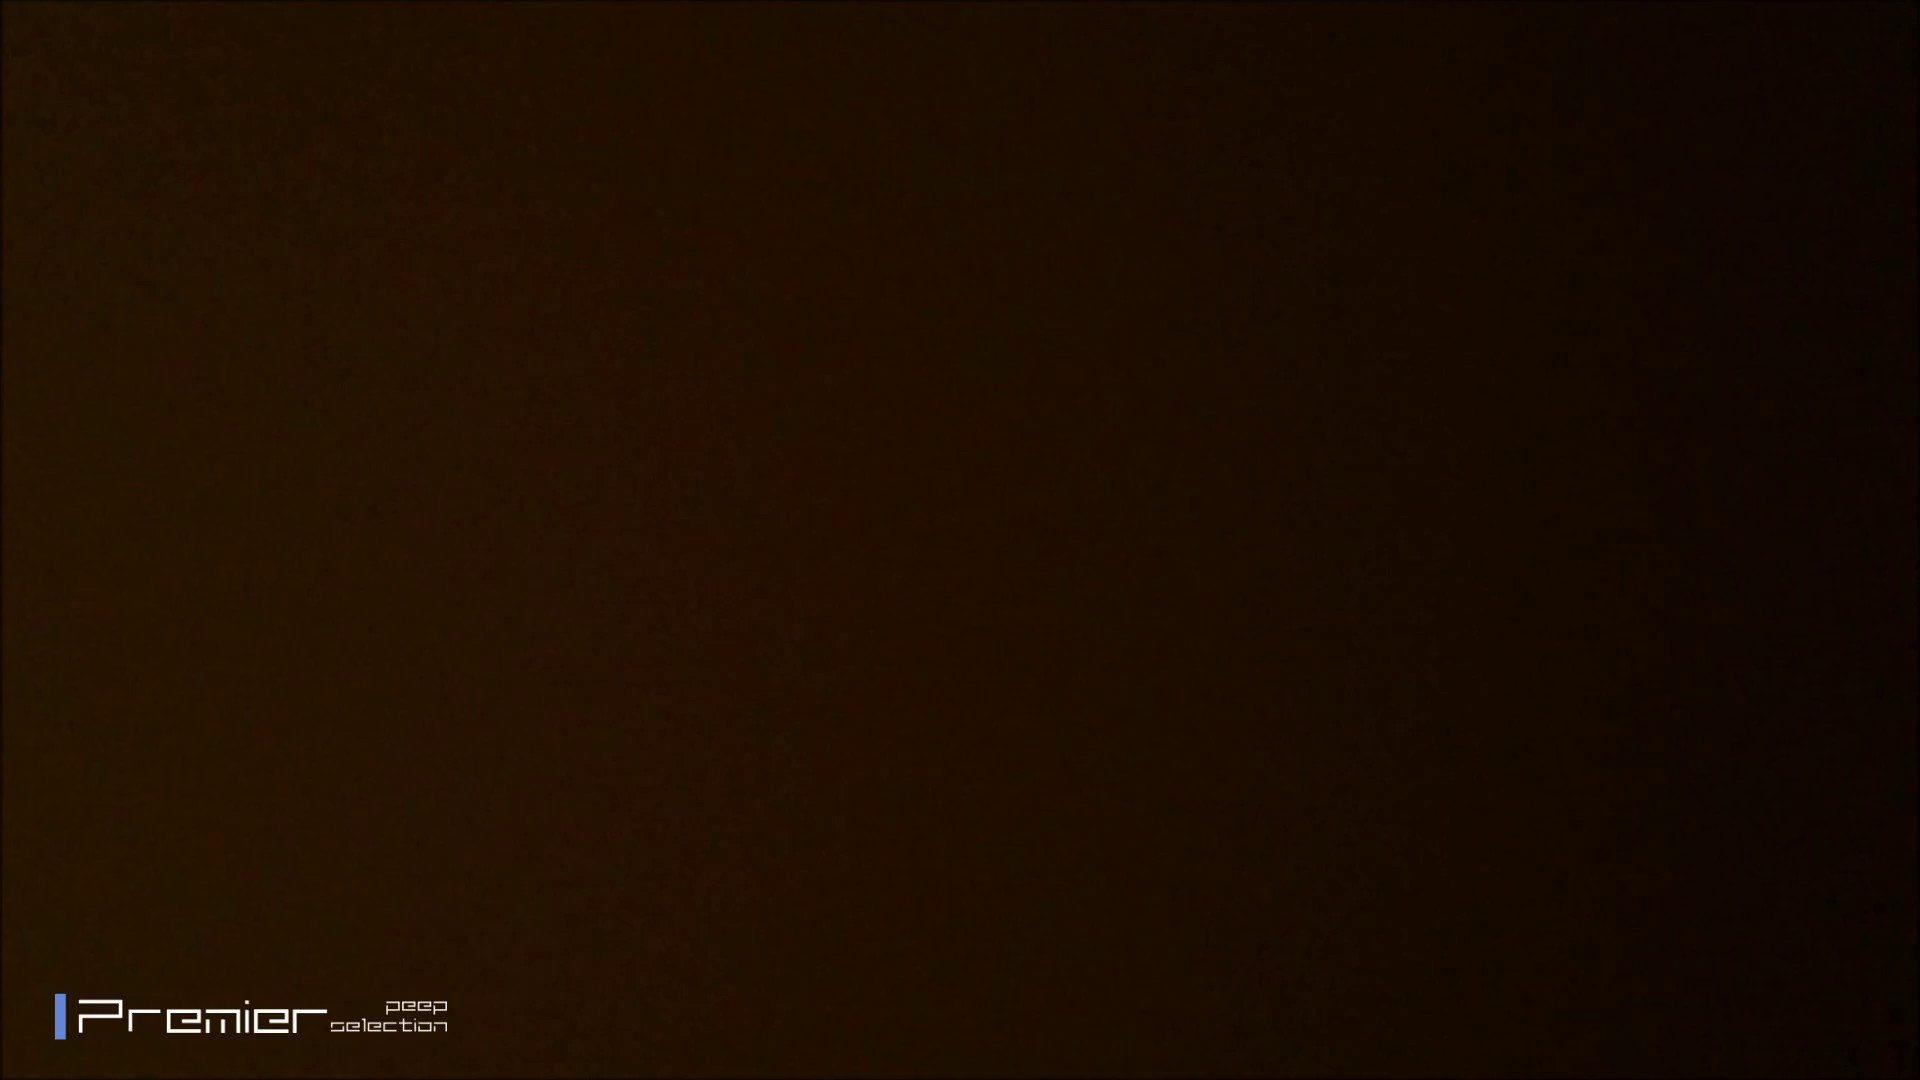 色白美乳女良の入浴 乙女の風呂場 Vol.02 入浴 盗撮 52PIX 37